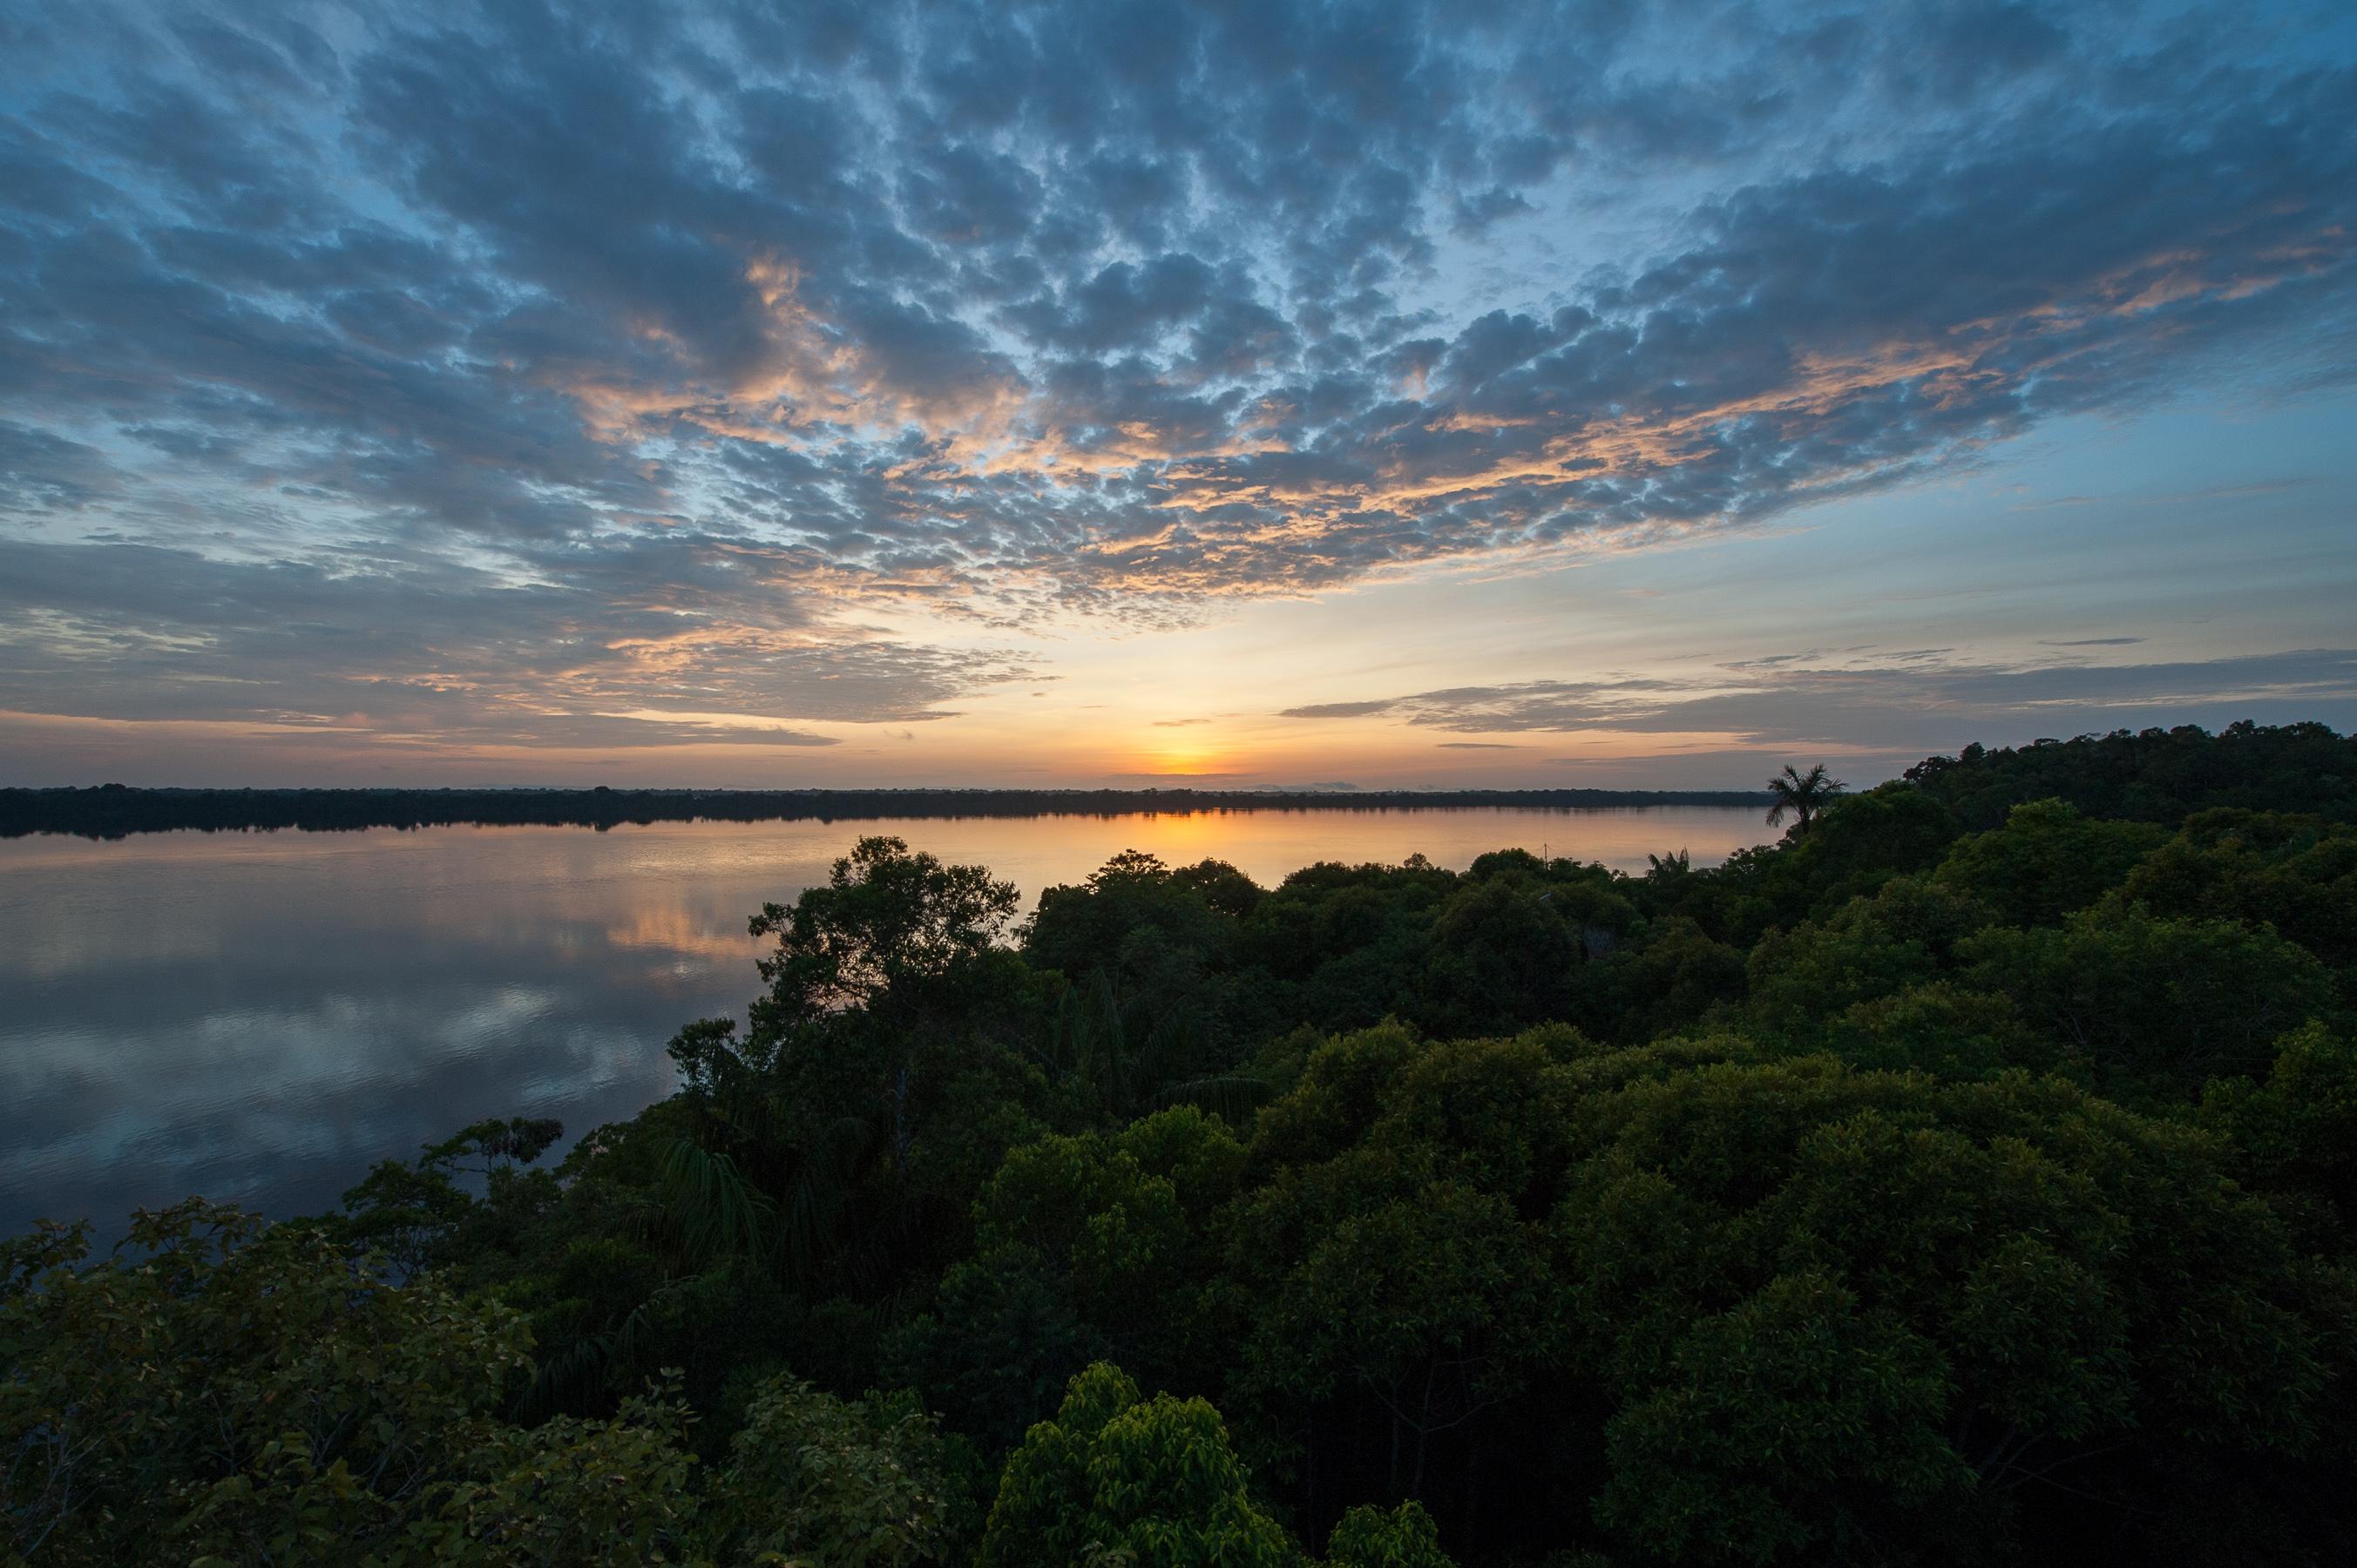 coucher de soleil archipel Anavilhanas